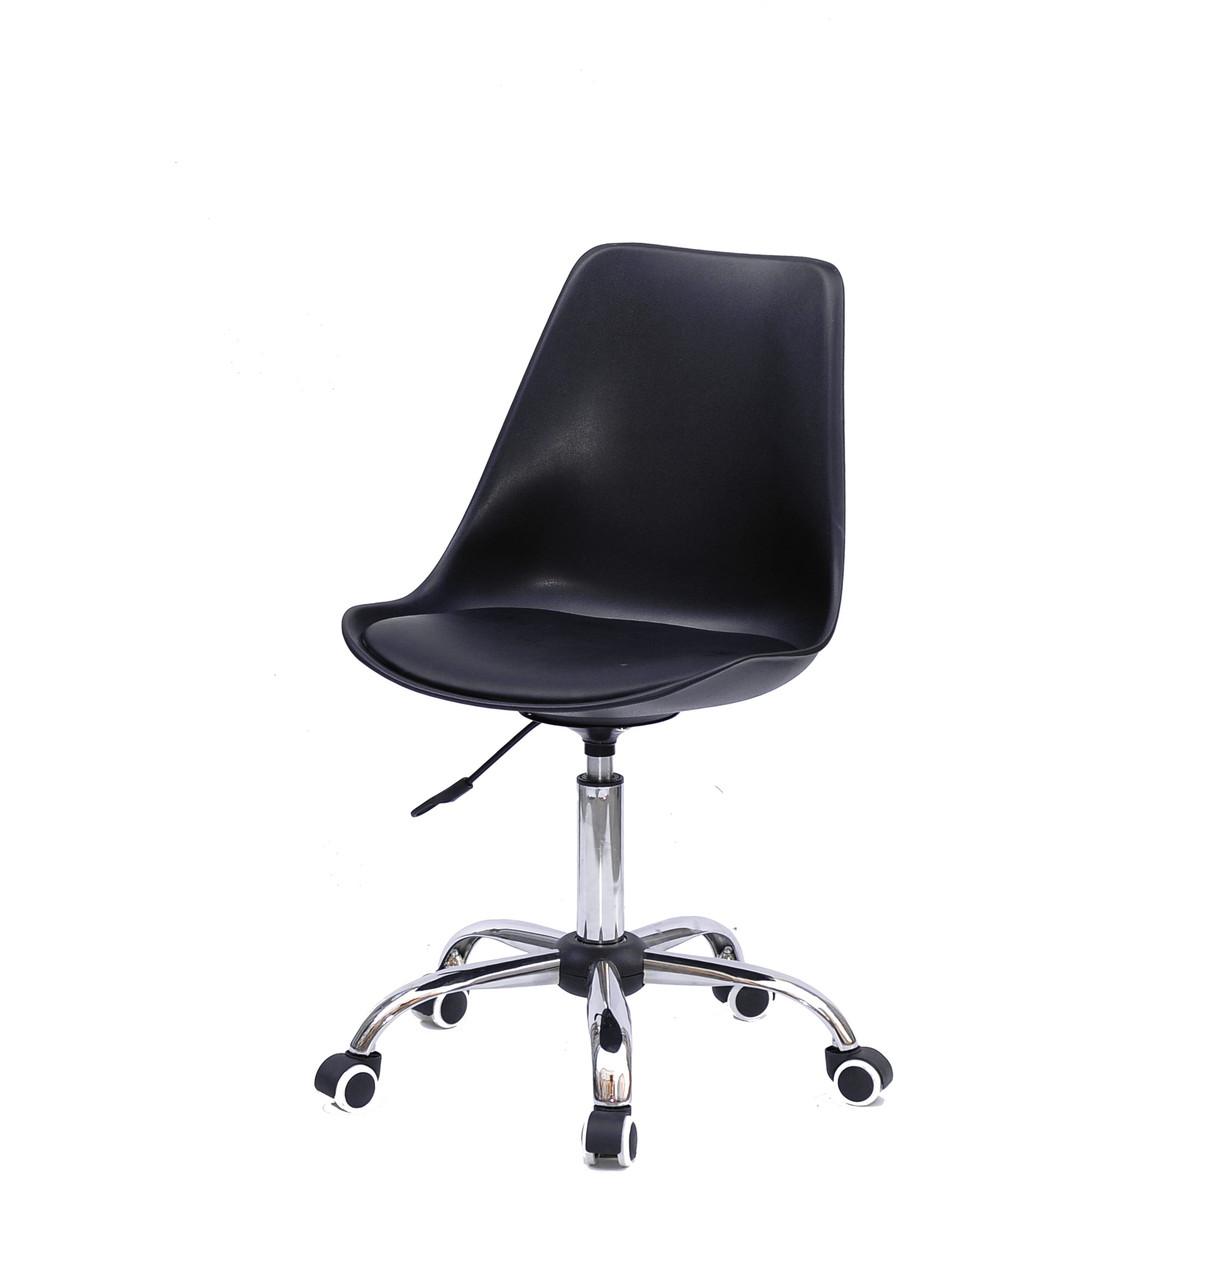 Офисное черное кресло на колесиках, поворотное из цельнолитого пластика с мягким сиденьем Albert Office